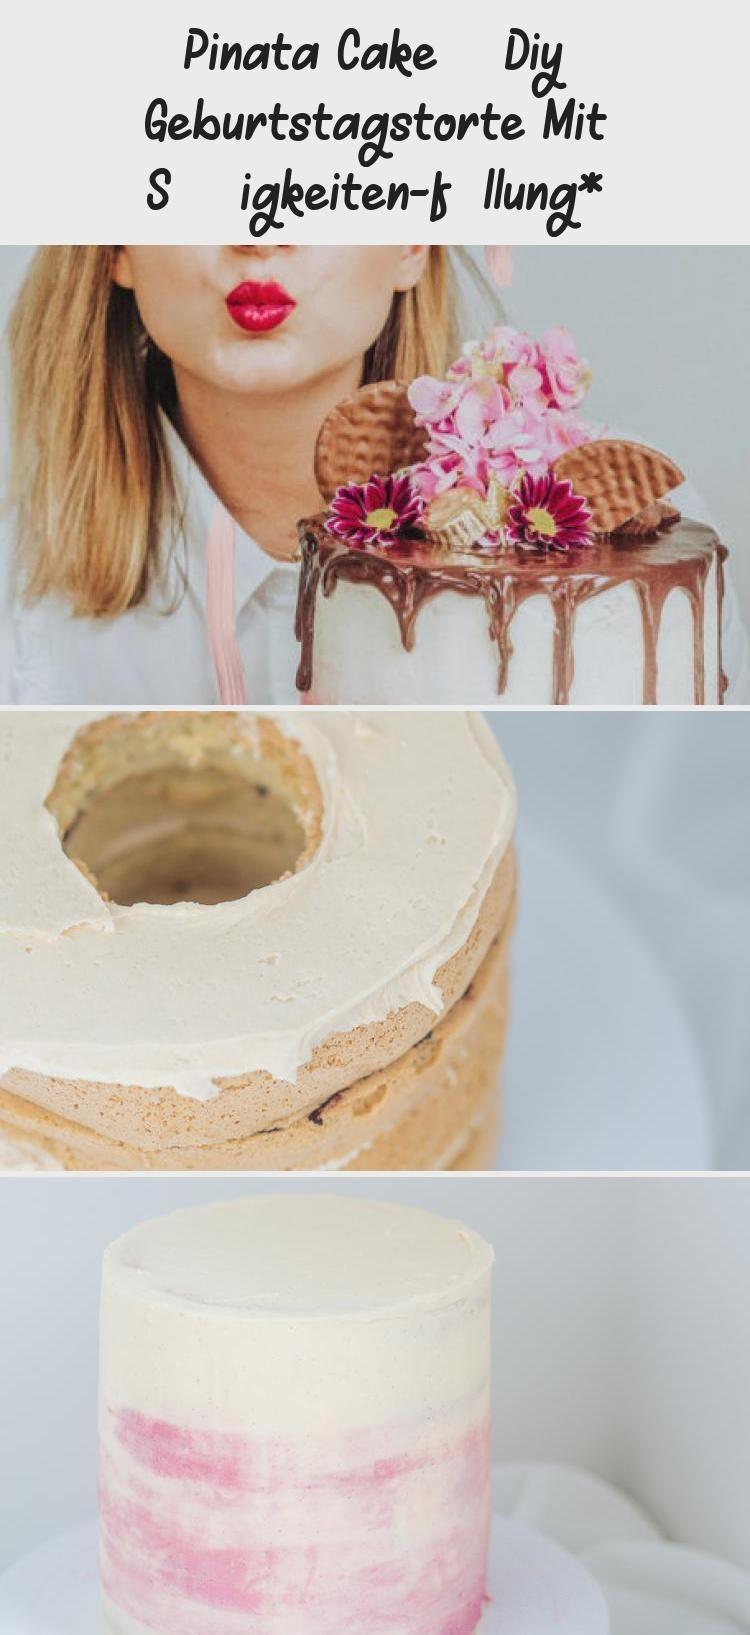 Photo of Pinata Cake – DIY Geburtstagstorte mit Süßigkeiten-Füllung*, Surprise-Inside-…